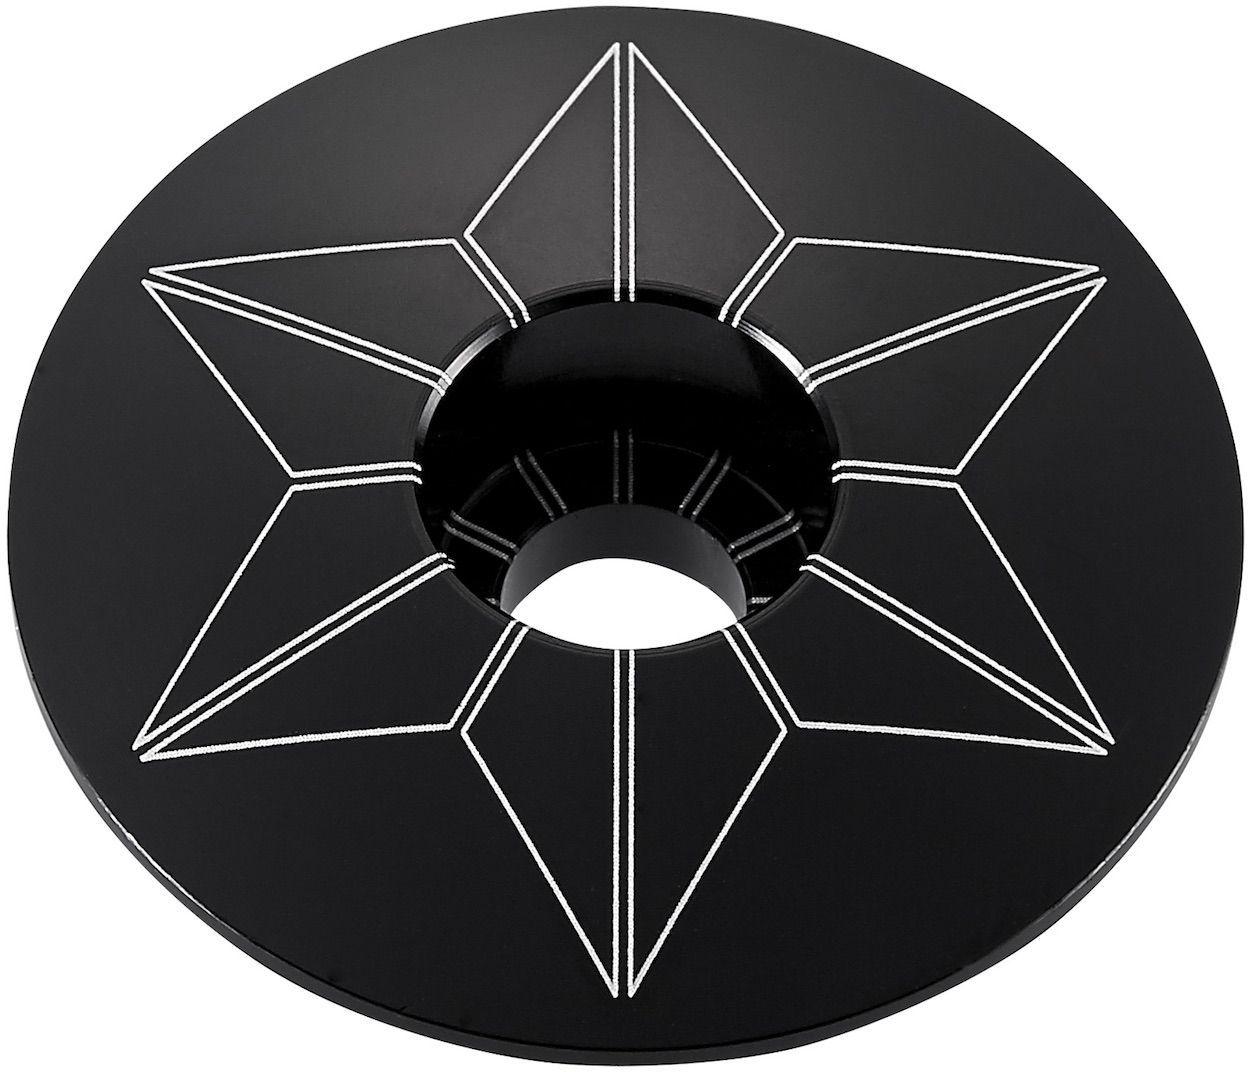 Supacaz Star Capz - Anodized - Black (anodized) uni